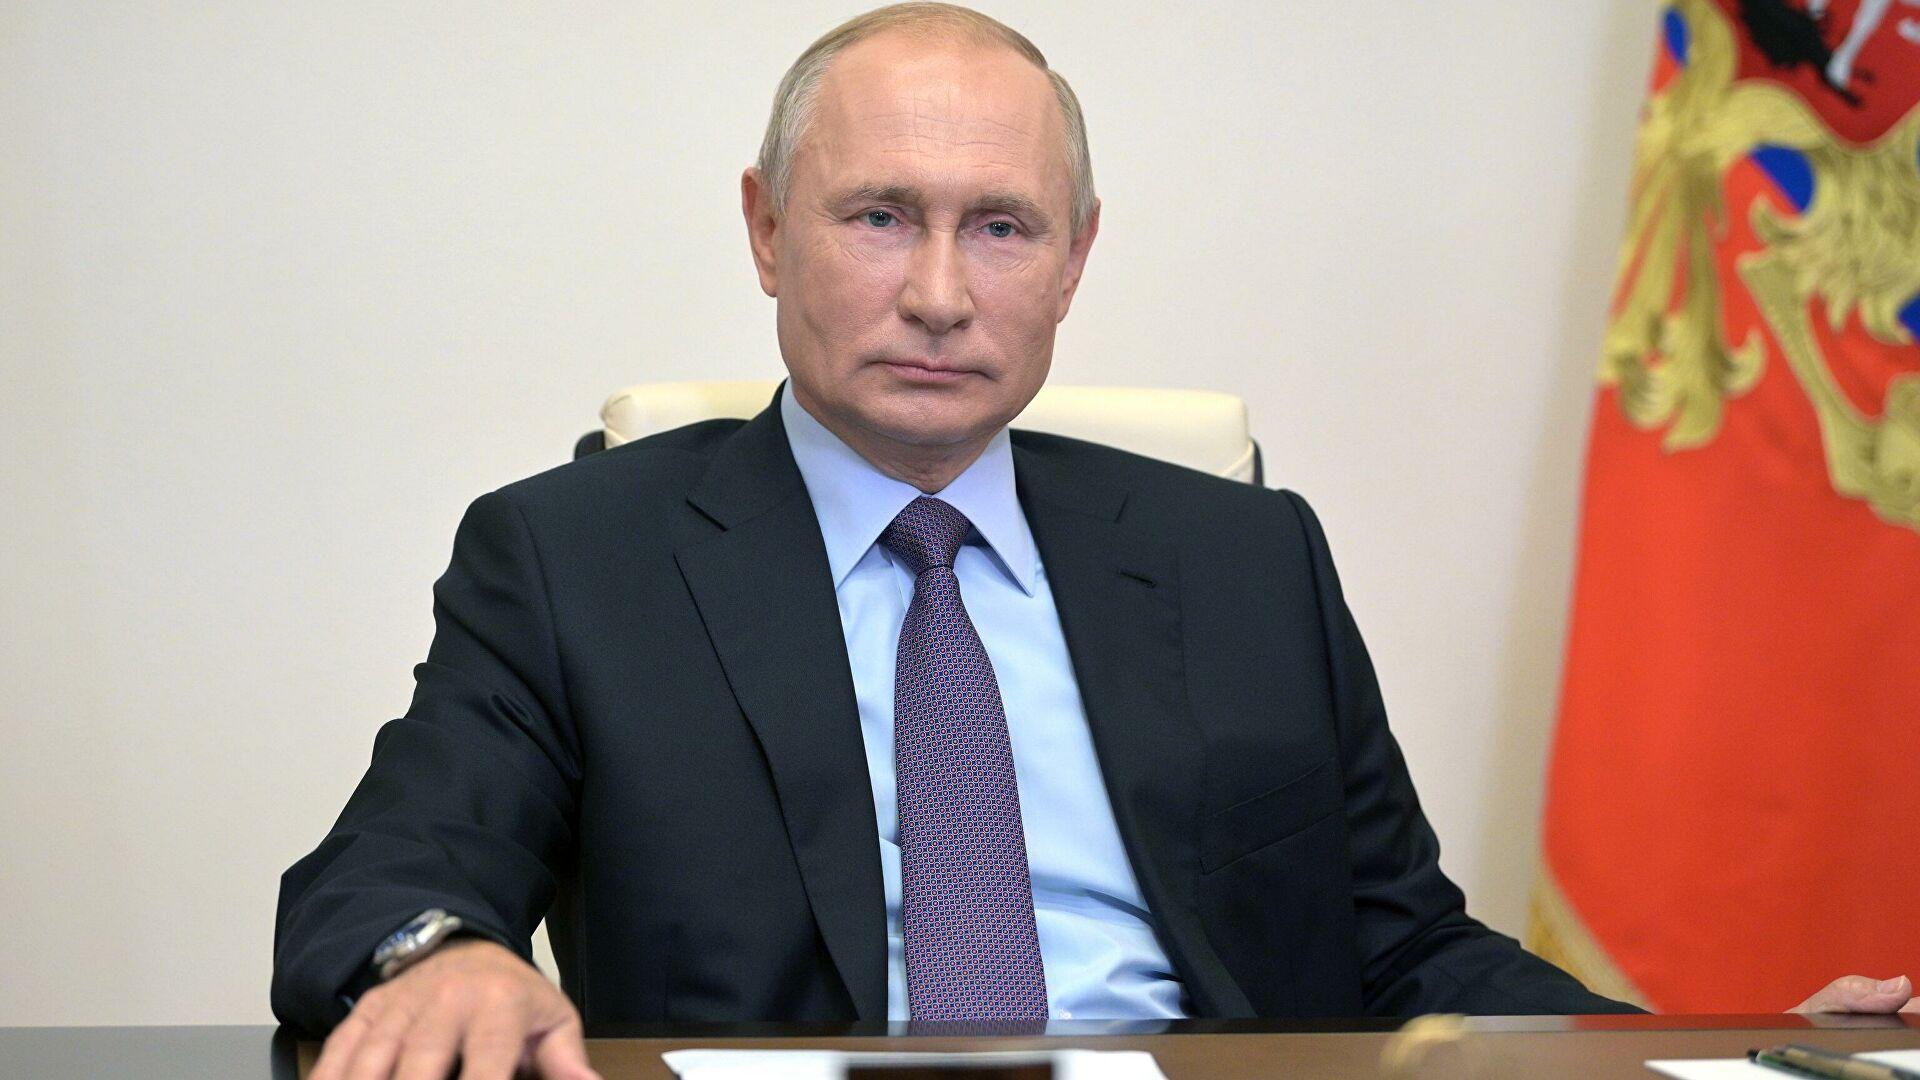 Путин: Развој нуклеарне медицине једно од најважнијих и најперспективнијих подручја у лечењу